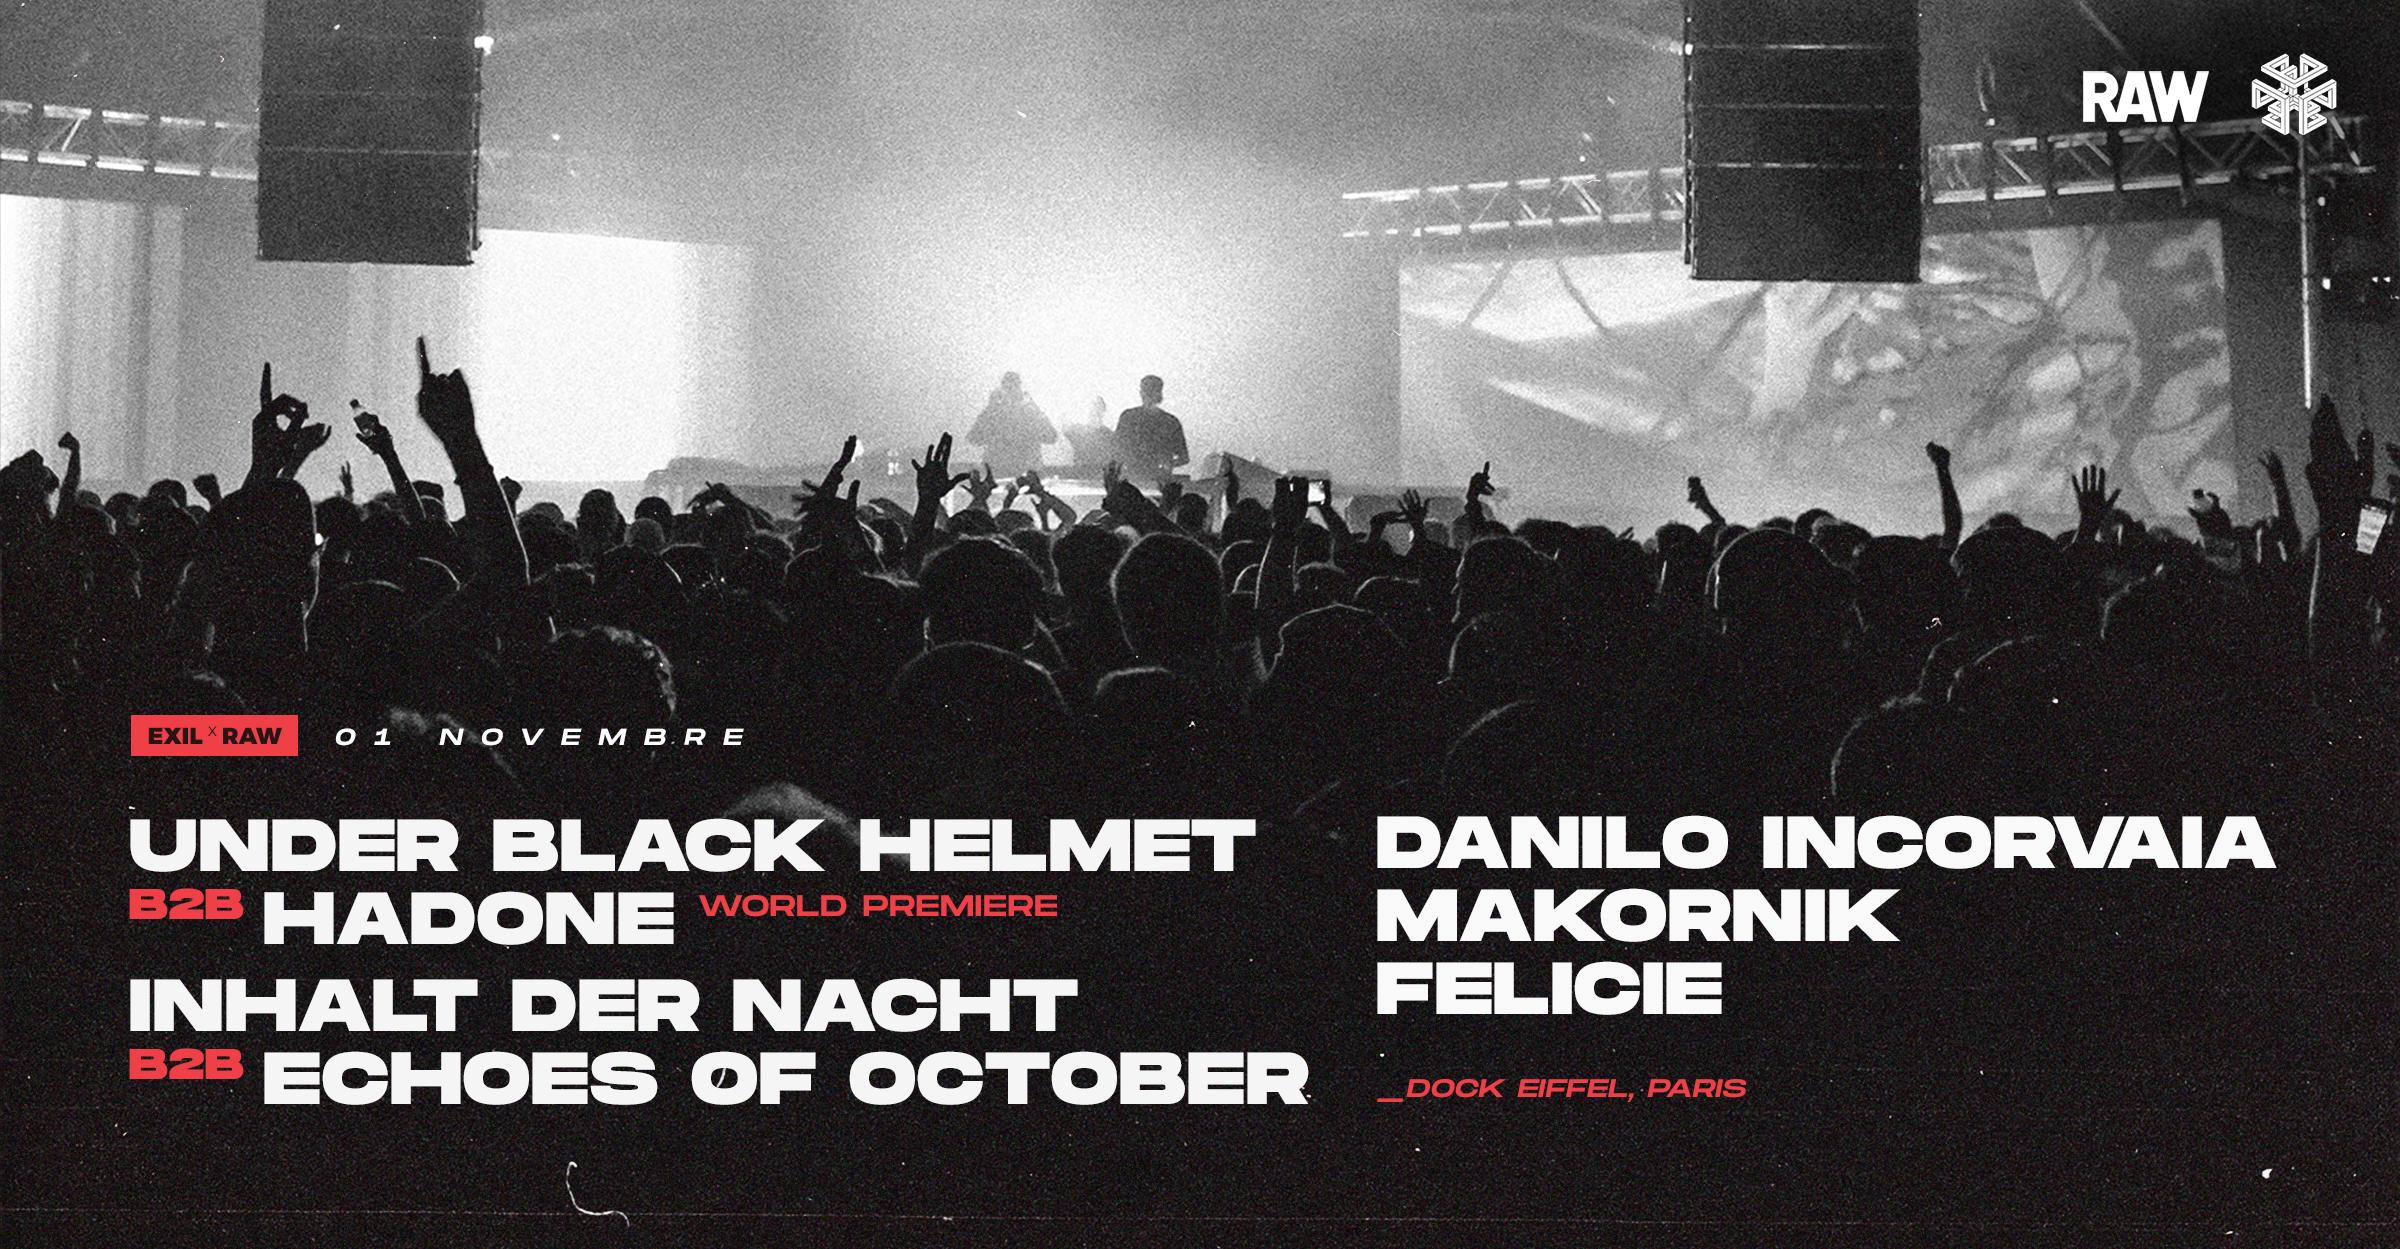 EXIL x RAW w/ Under Black Helmet b2b Hadone, Makornik & more